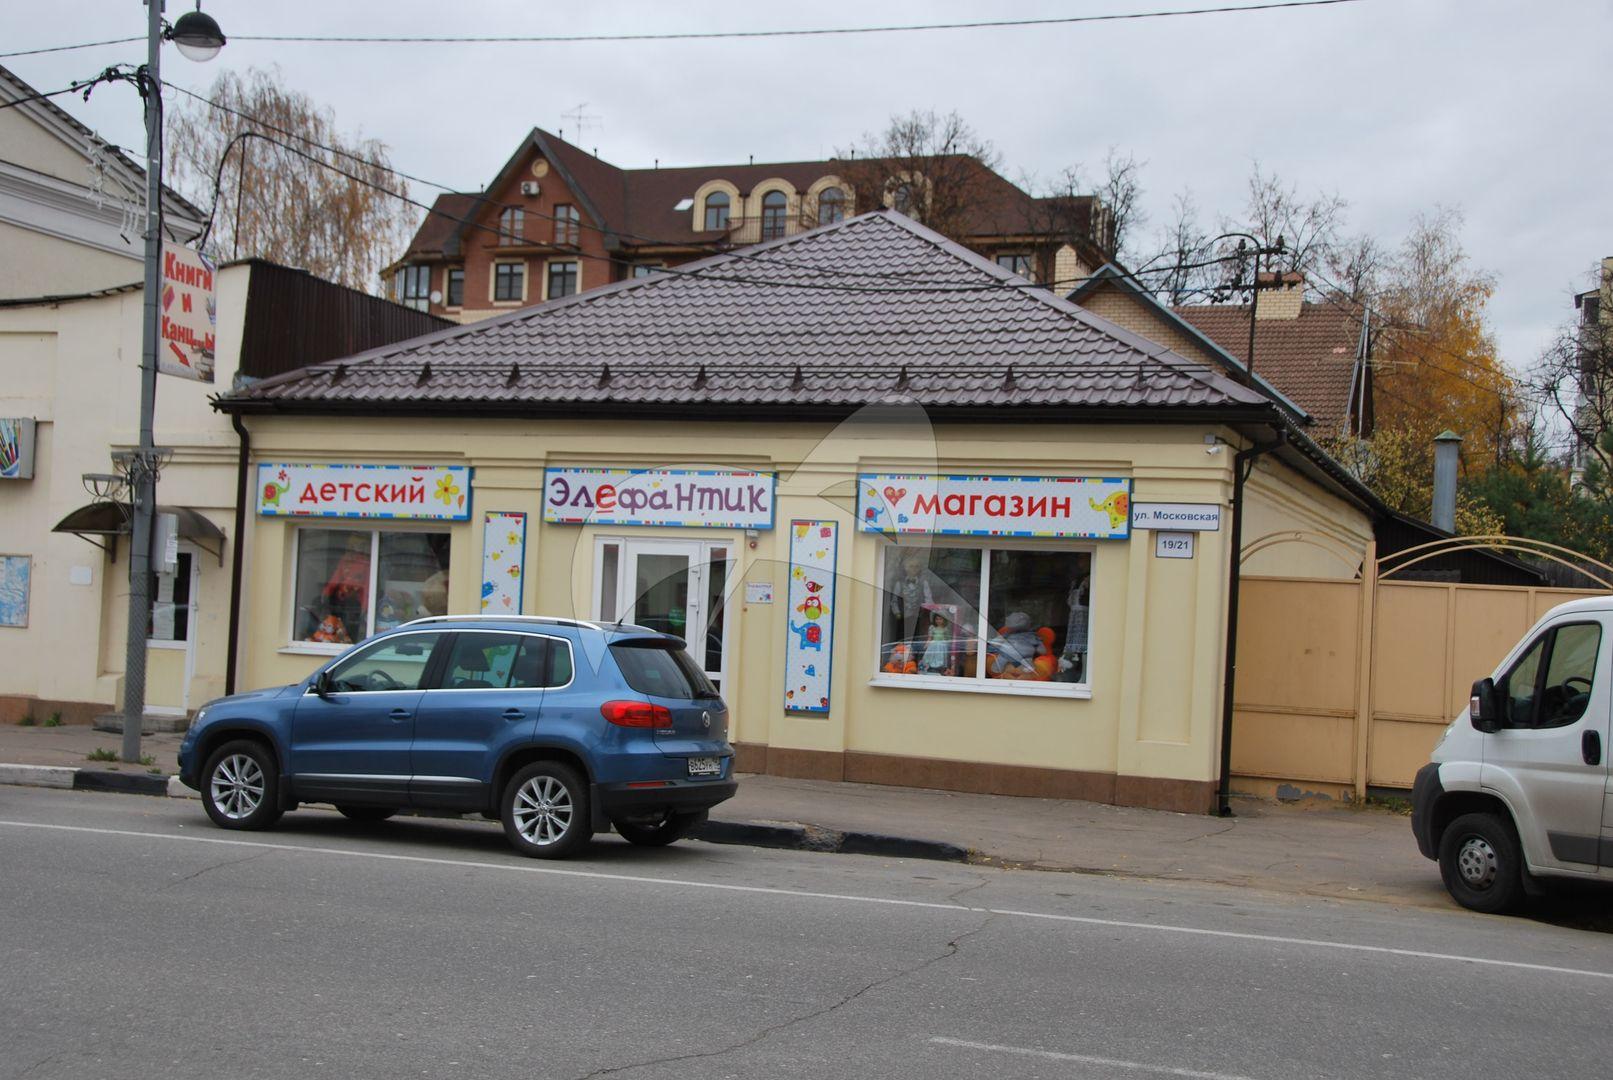 Комплекс застройки восточной части ул. Московской: магазин